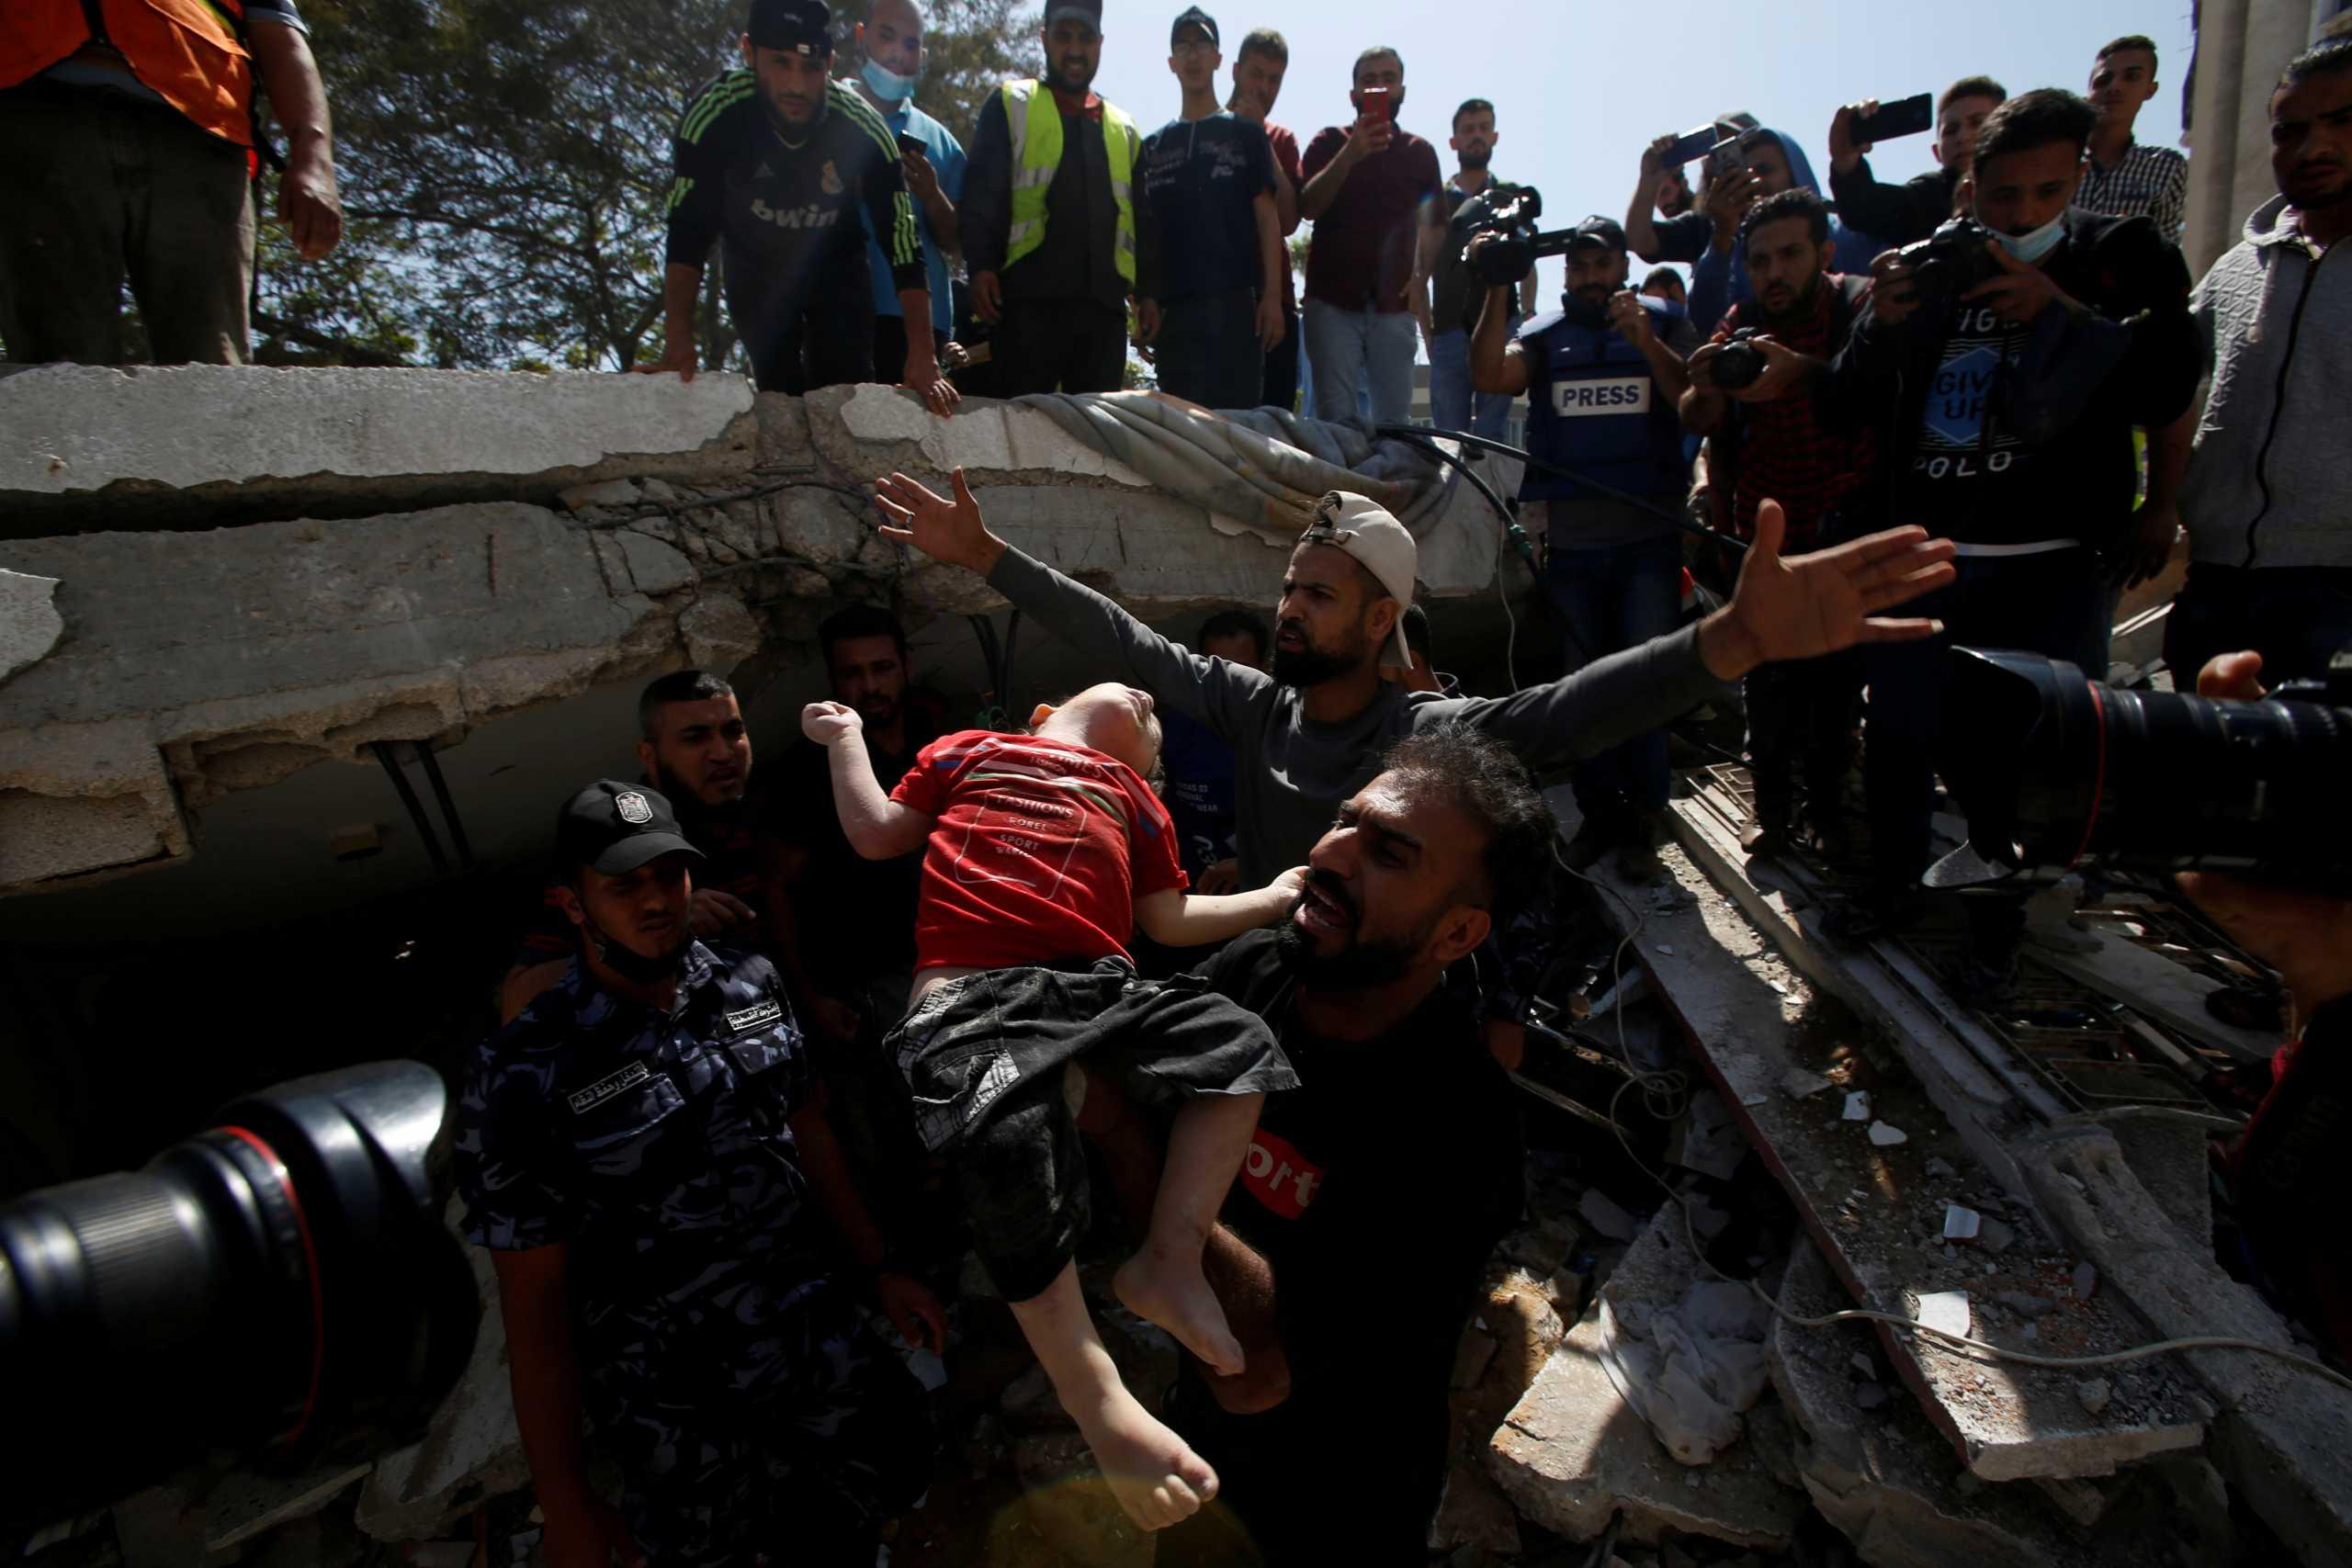 Λωρίδα της Γάζας: Άλλοι 26 Παλαιστίνιοι νεκροί – Συγκλονιστικές εικόνες με νεκρό κοριτσάκι στα χαλάσματα (pics)